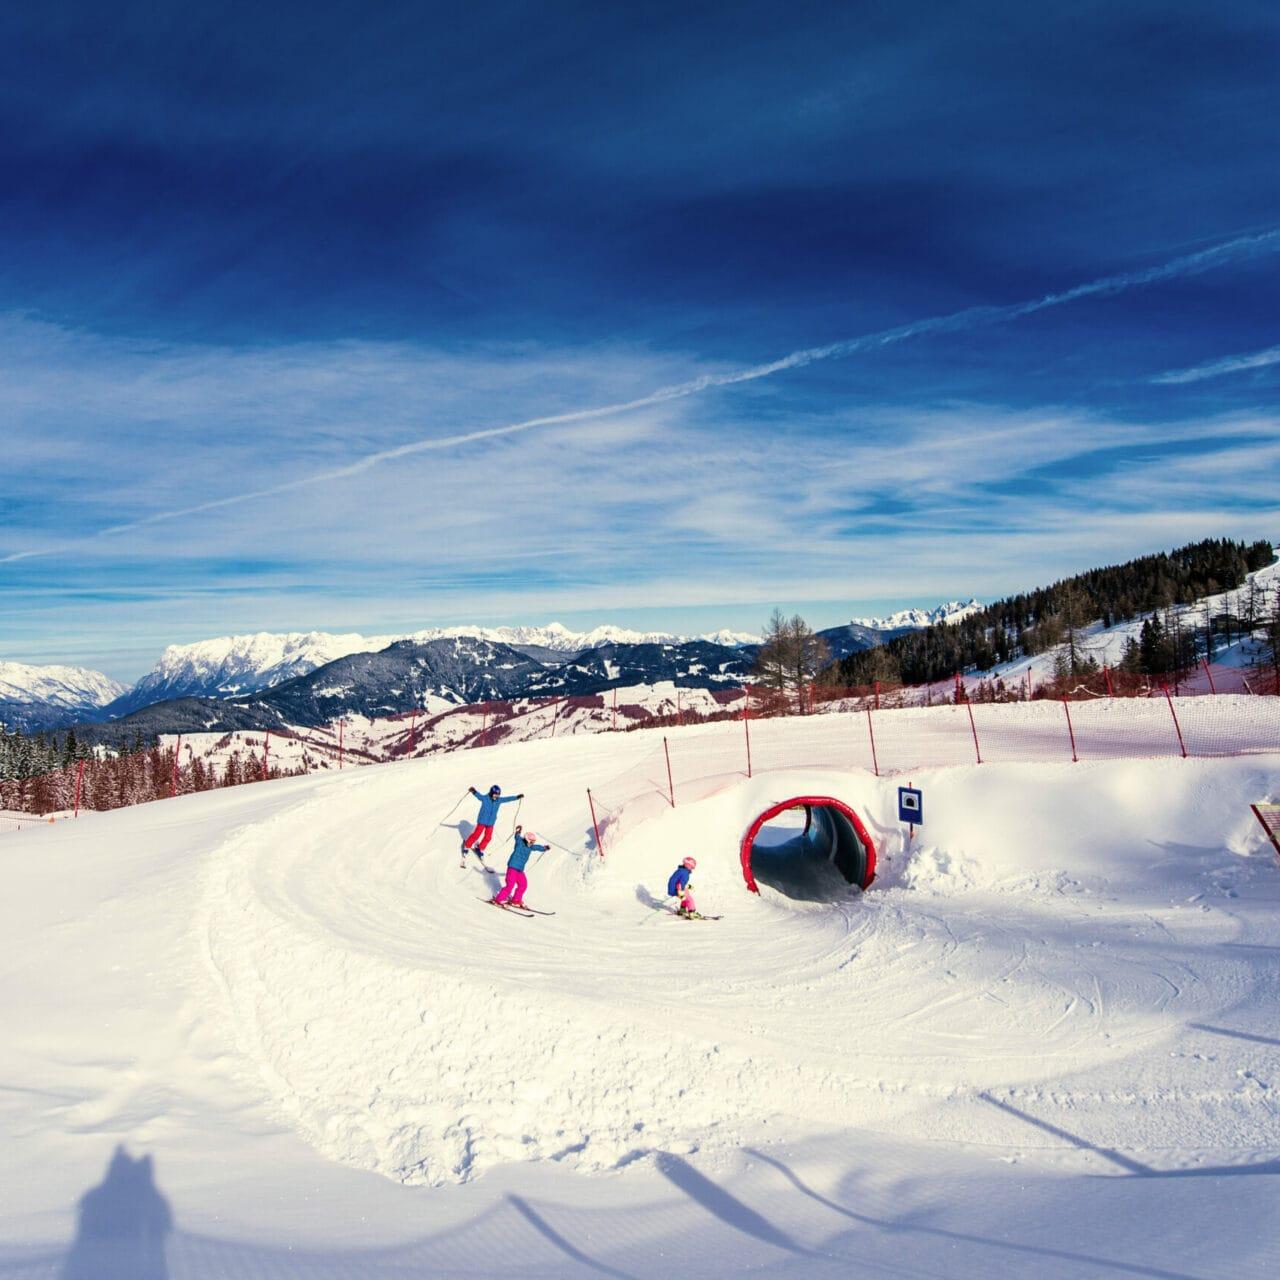 Hofgut-wagrain-apartment-lifestyle-resort-erleben-im-winter-familienwinter-skifahren-mit-Kindern-Fun-slope